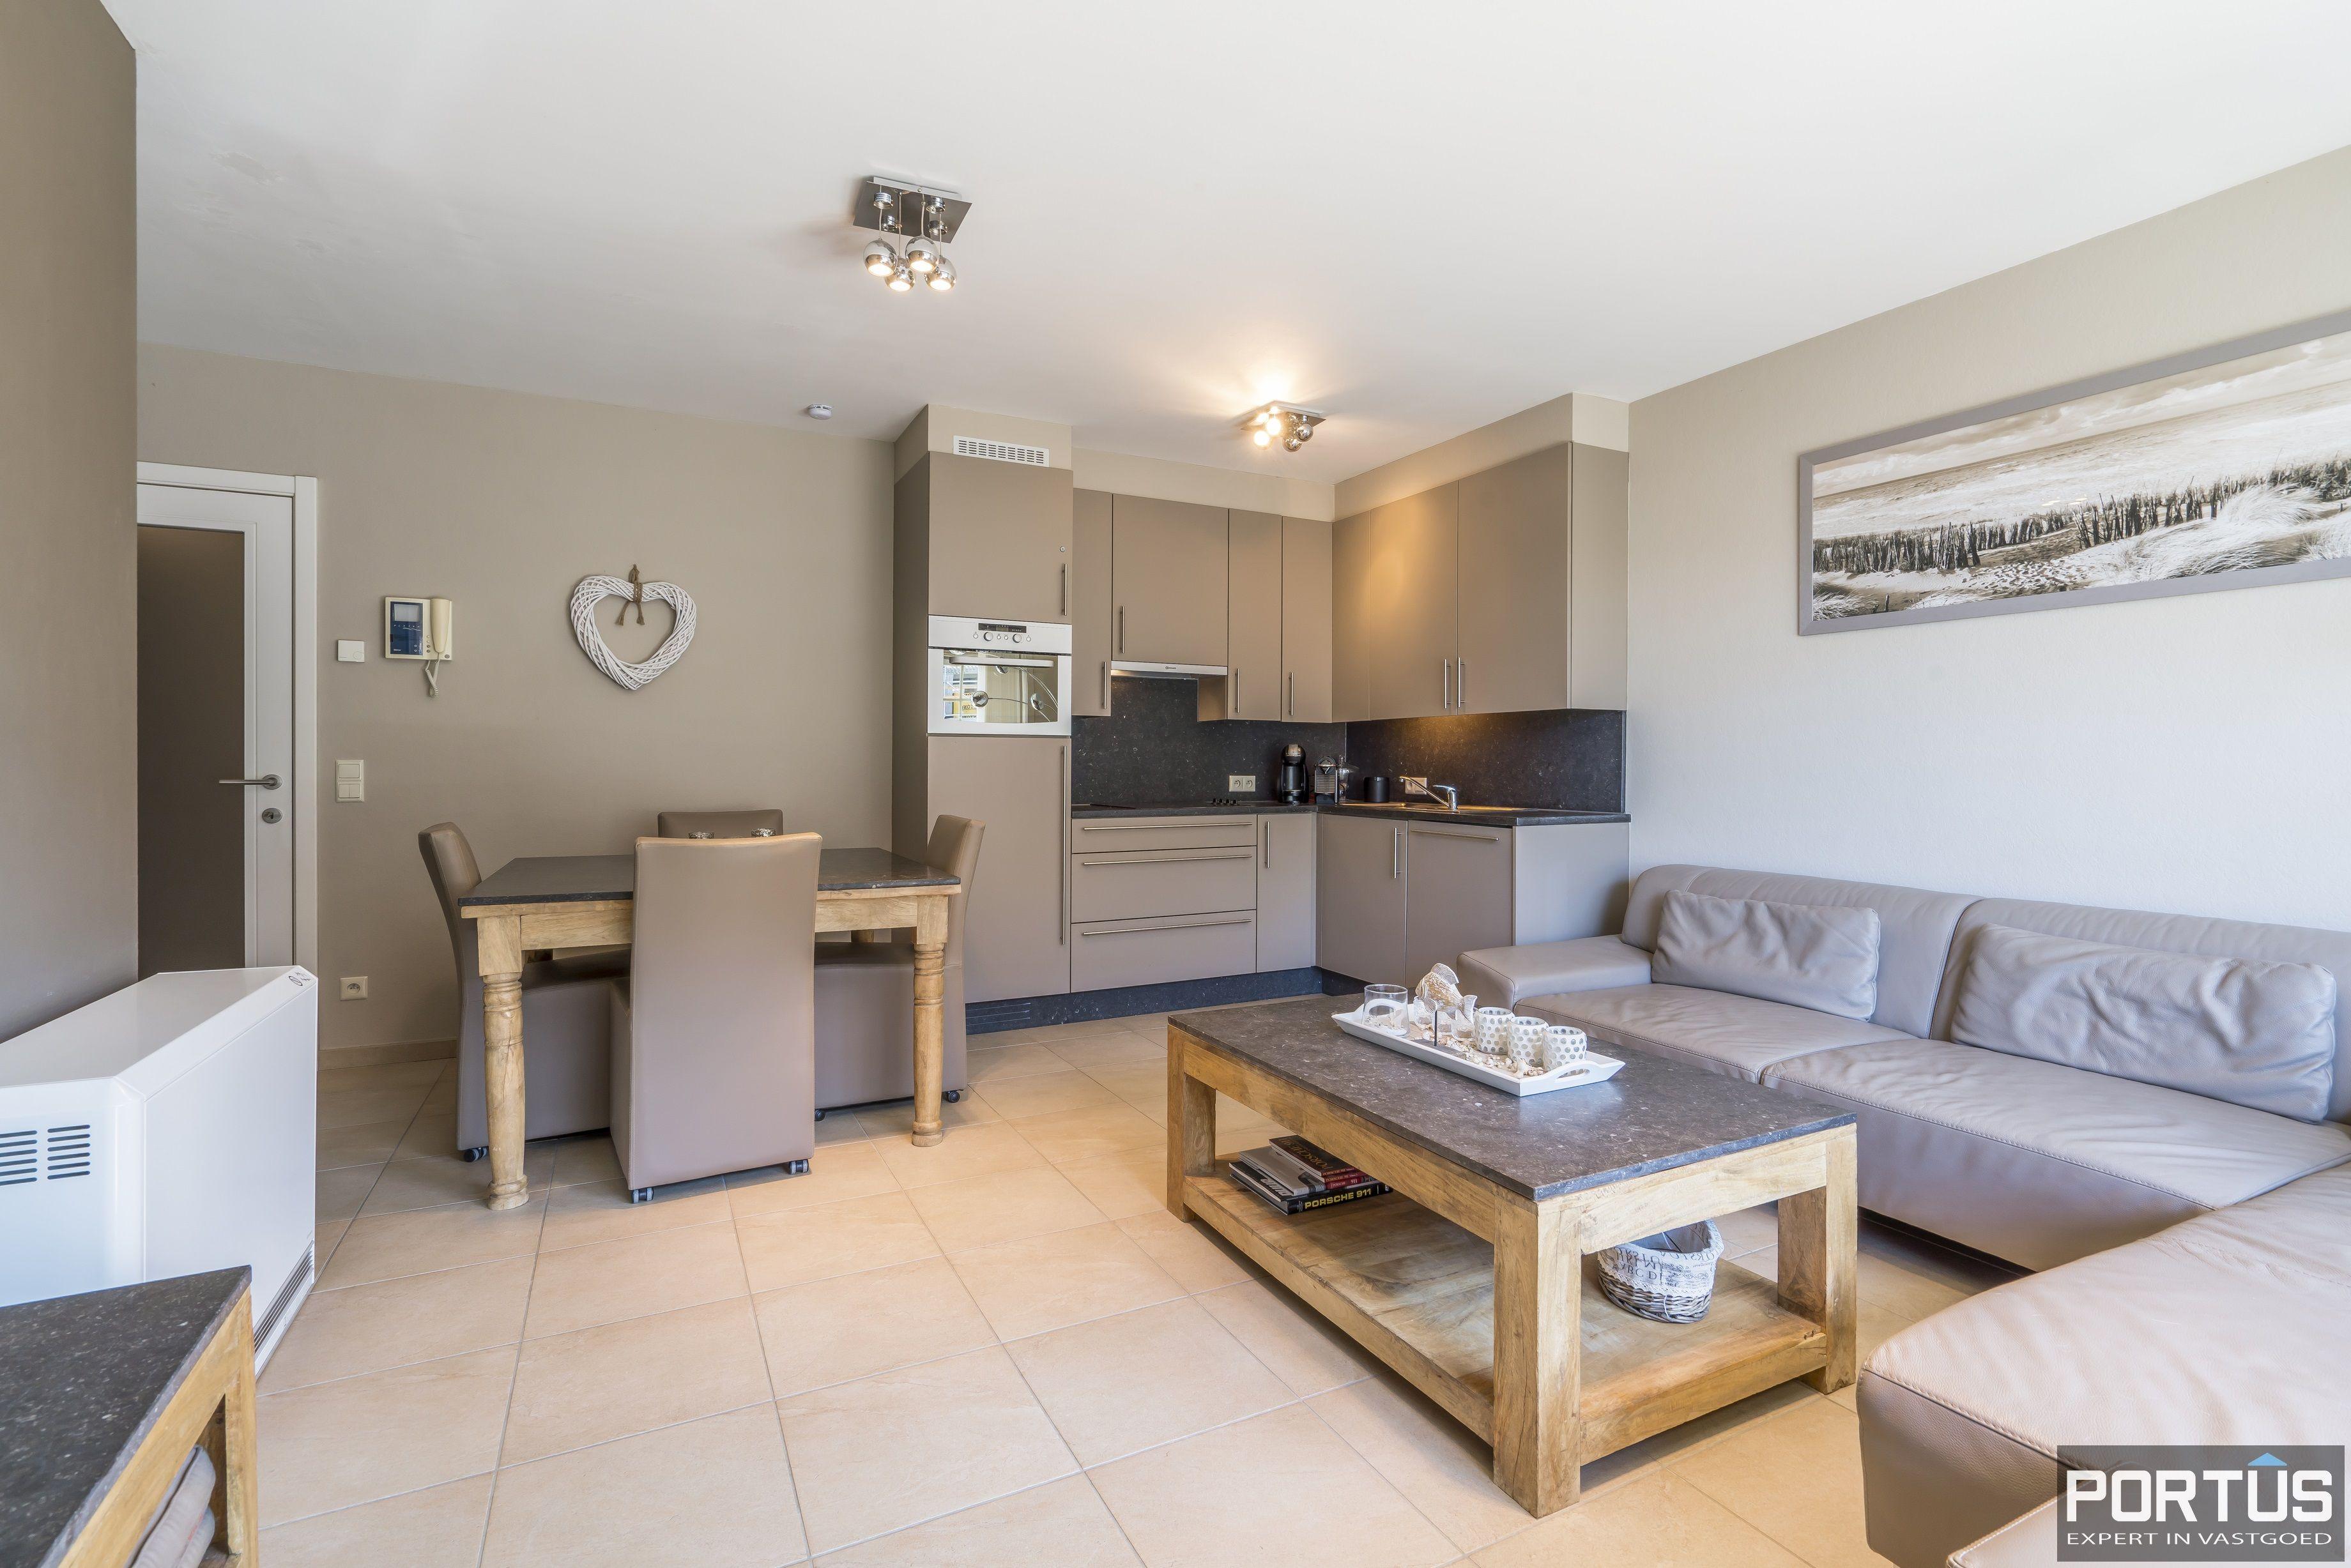 Instapklaar appartement met slaapkamer en slaaphoek te koop te Nieuwpoort - 13100